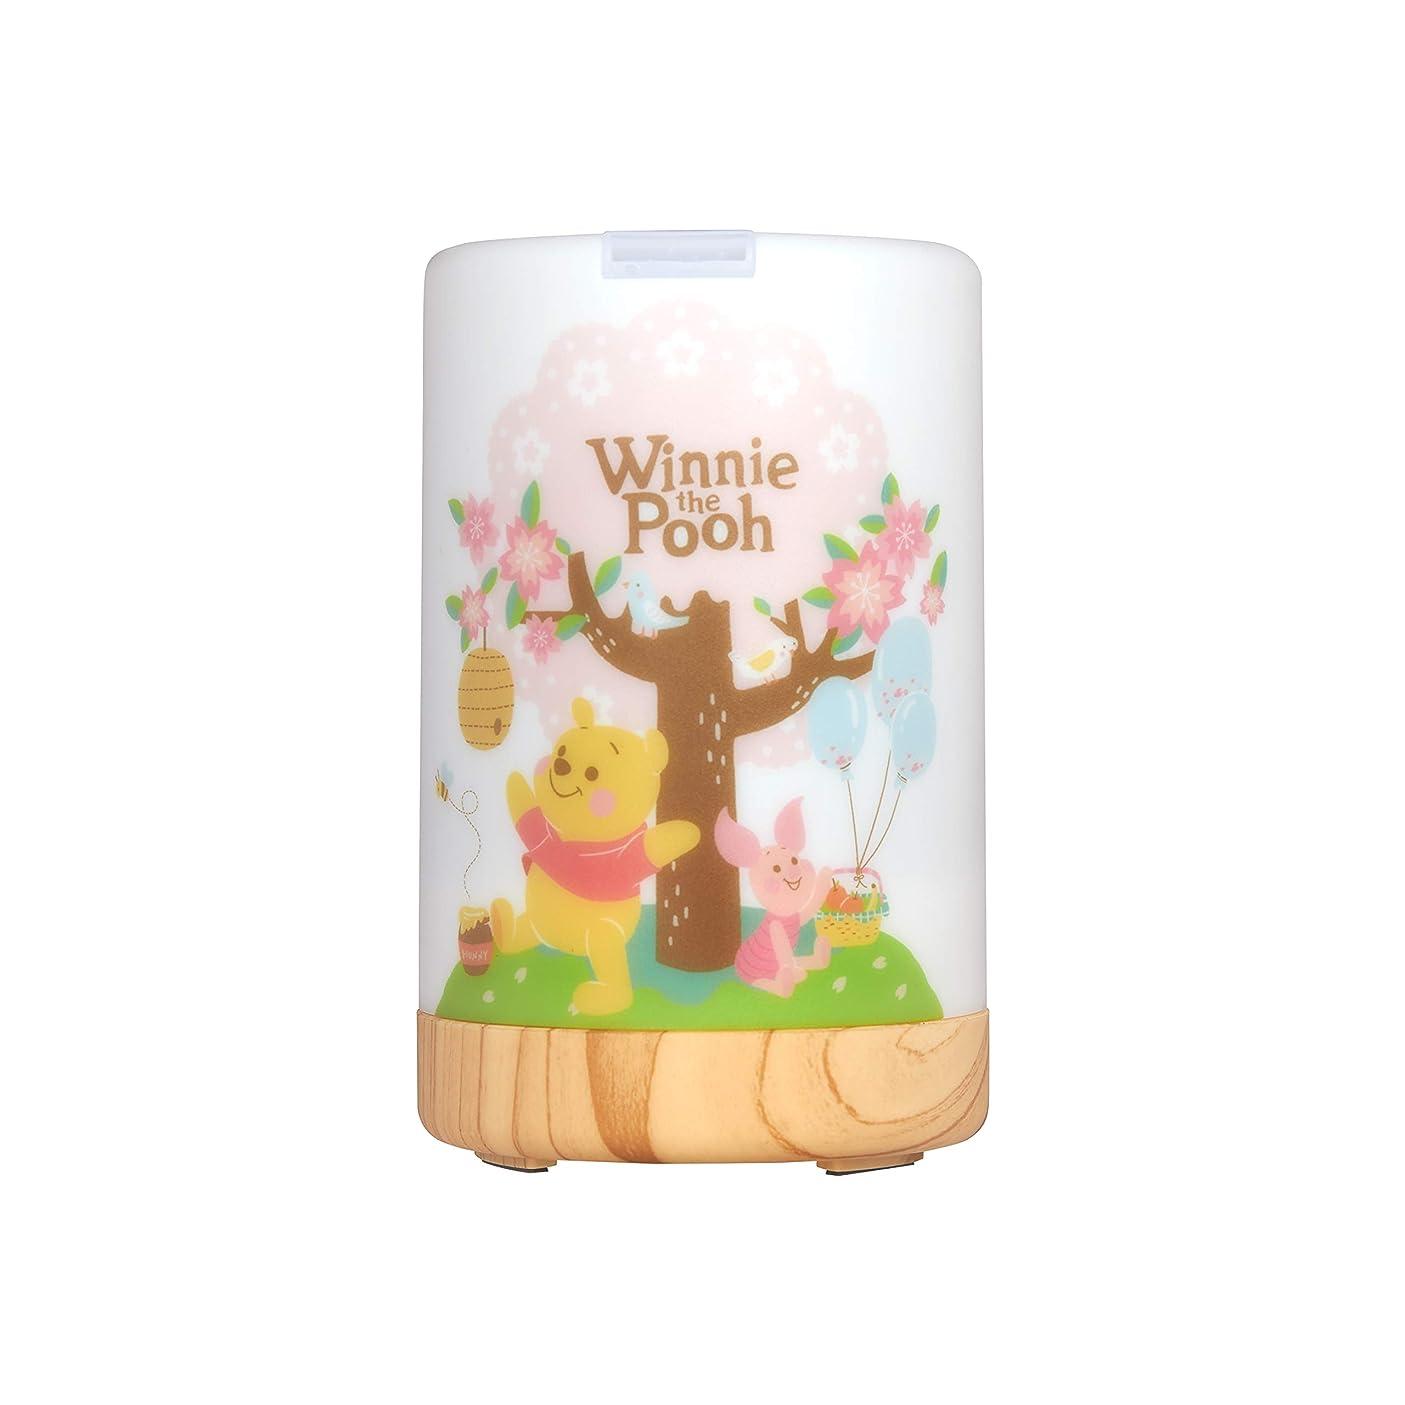 敬な協力くるみInfoThink アロマディフューザー Disney Winnie the Pooh 間接照明 くまのプーさん [並行輸入品]